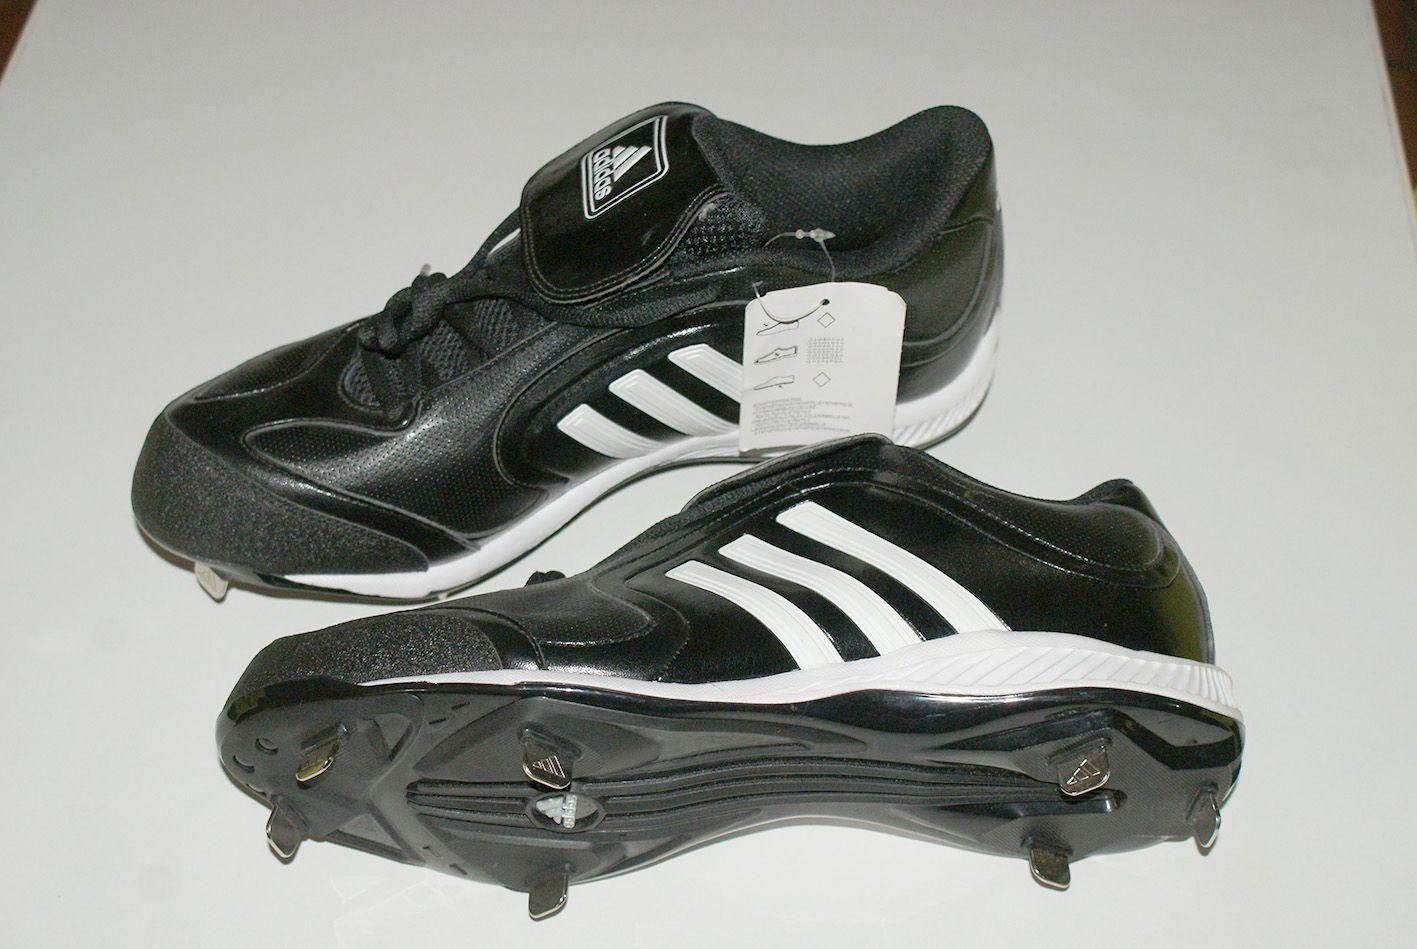 Vendo zapatos para beisbol. Marca Adidas originales. Completamente nuevos.  Interesados enviar email a  dmentecreativa gmail.com 933314a56bd5b